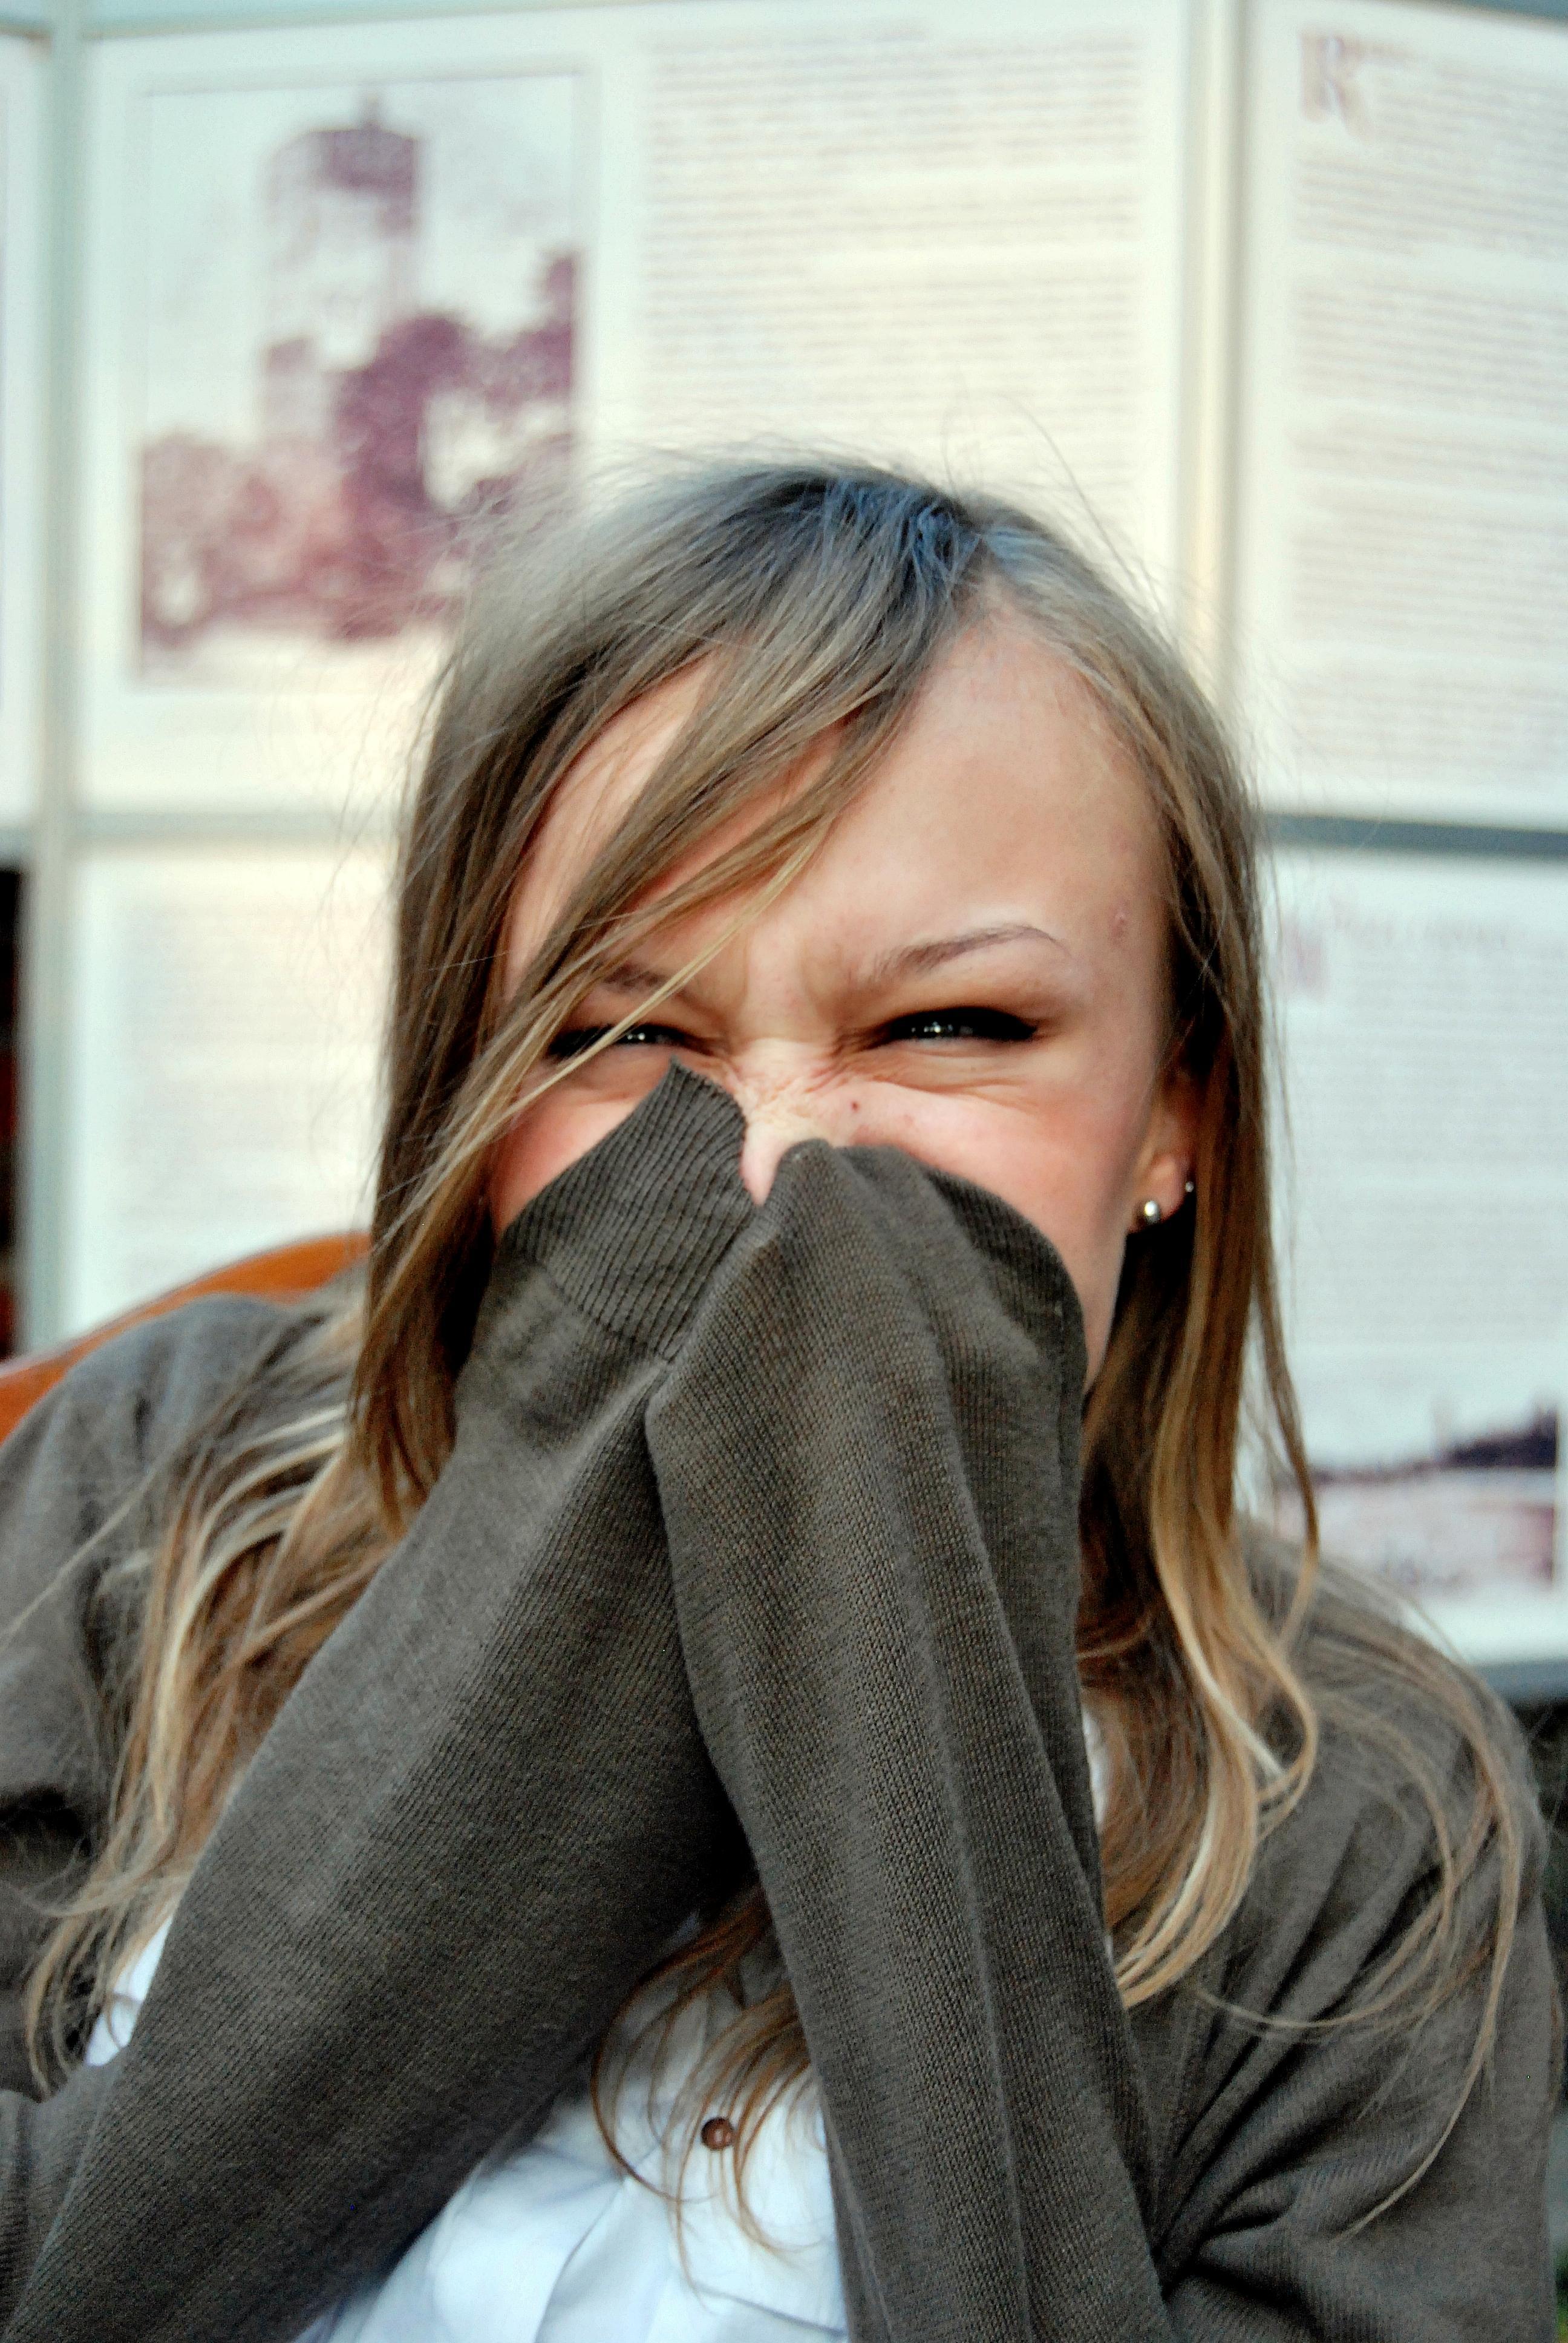 Lachen: Sprüche – die besten Zitate für Facebook, WhatsApp & Co.